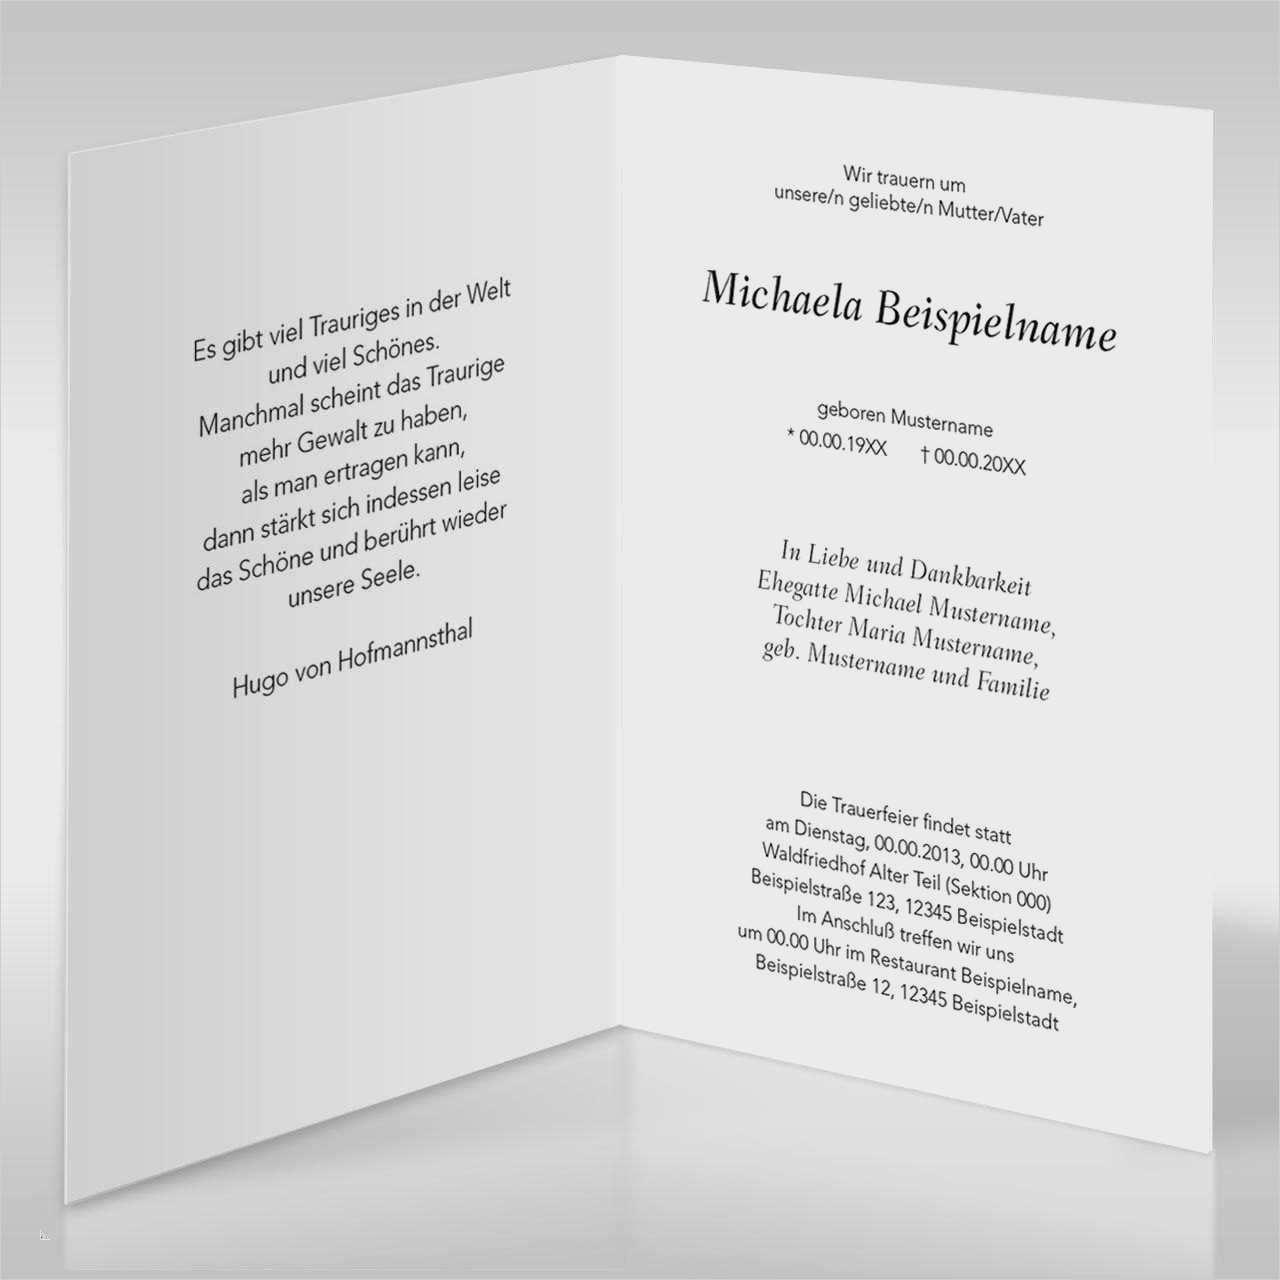 Grossartig Trauerkarten Danksagung Vorlagen Solche Konnen Einstellen In Microsoft Word Trauerkarten Danksagung Geburtstag Sms Danksagung Beerdigung